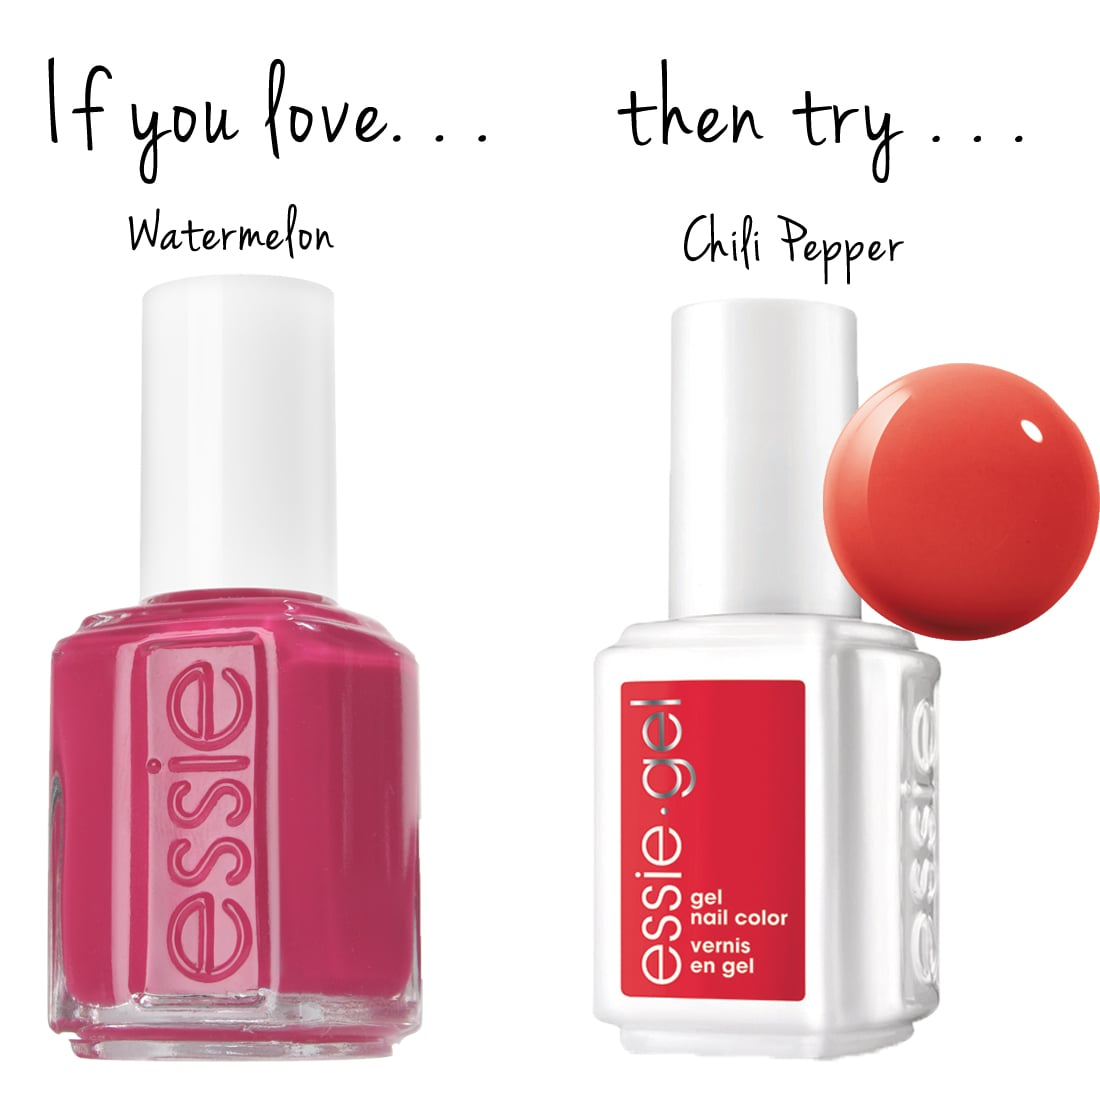 Watermelon = Chili Pepper